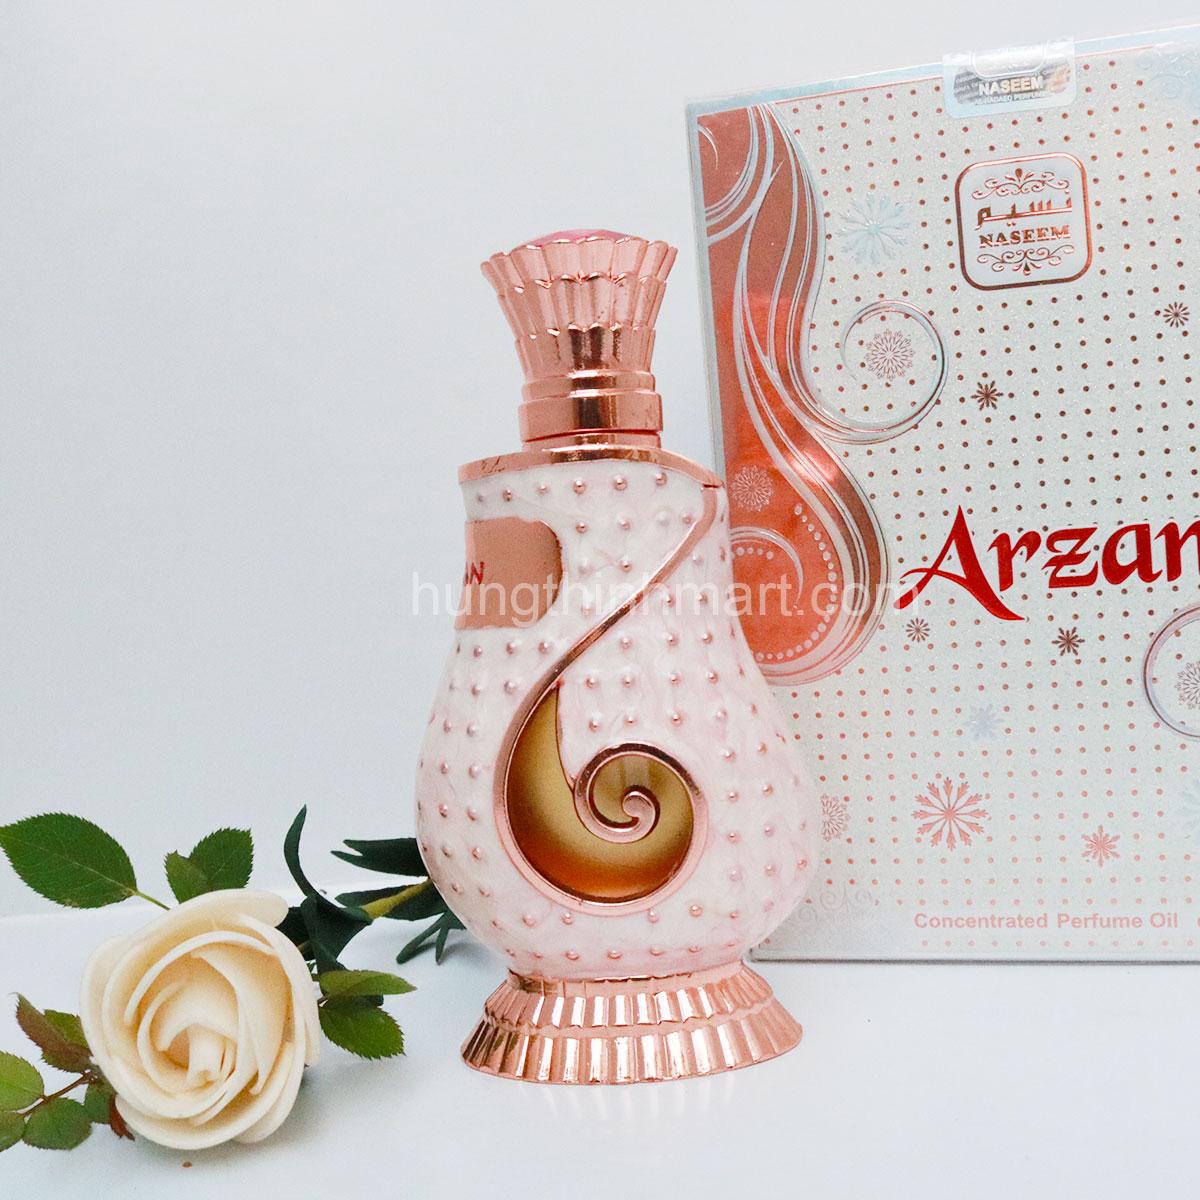 arzan-1